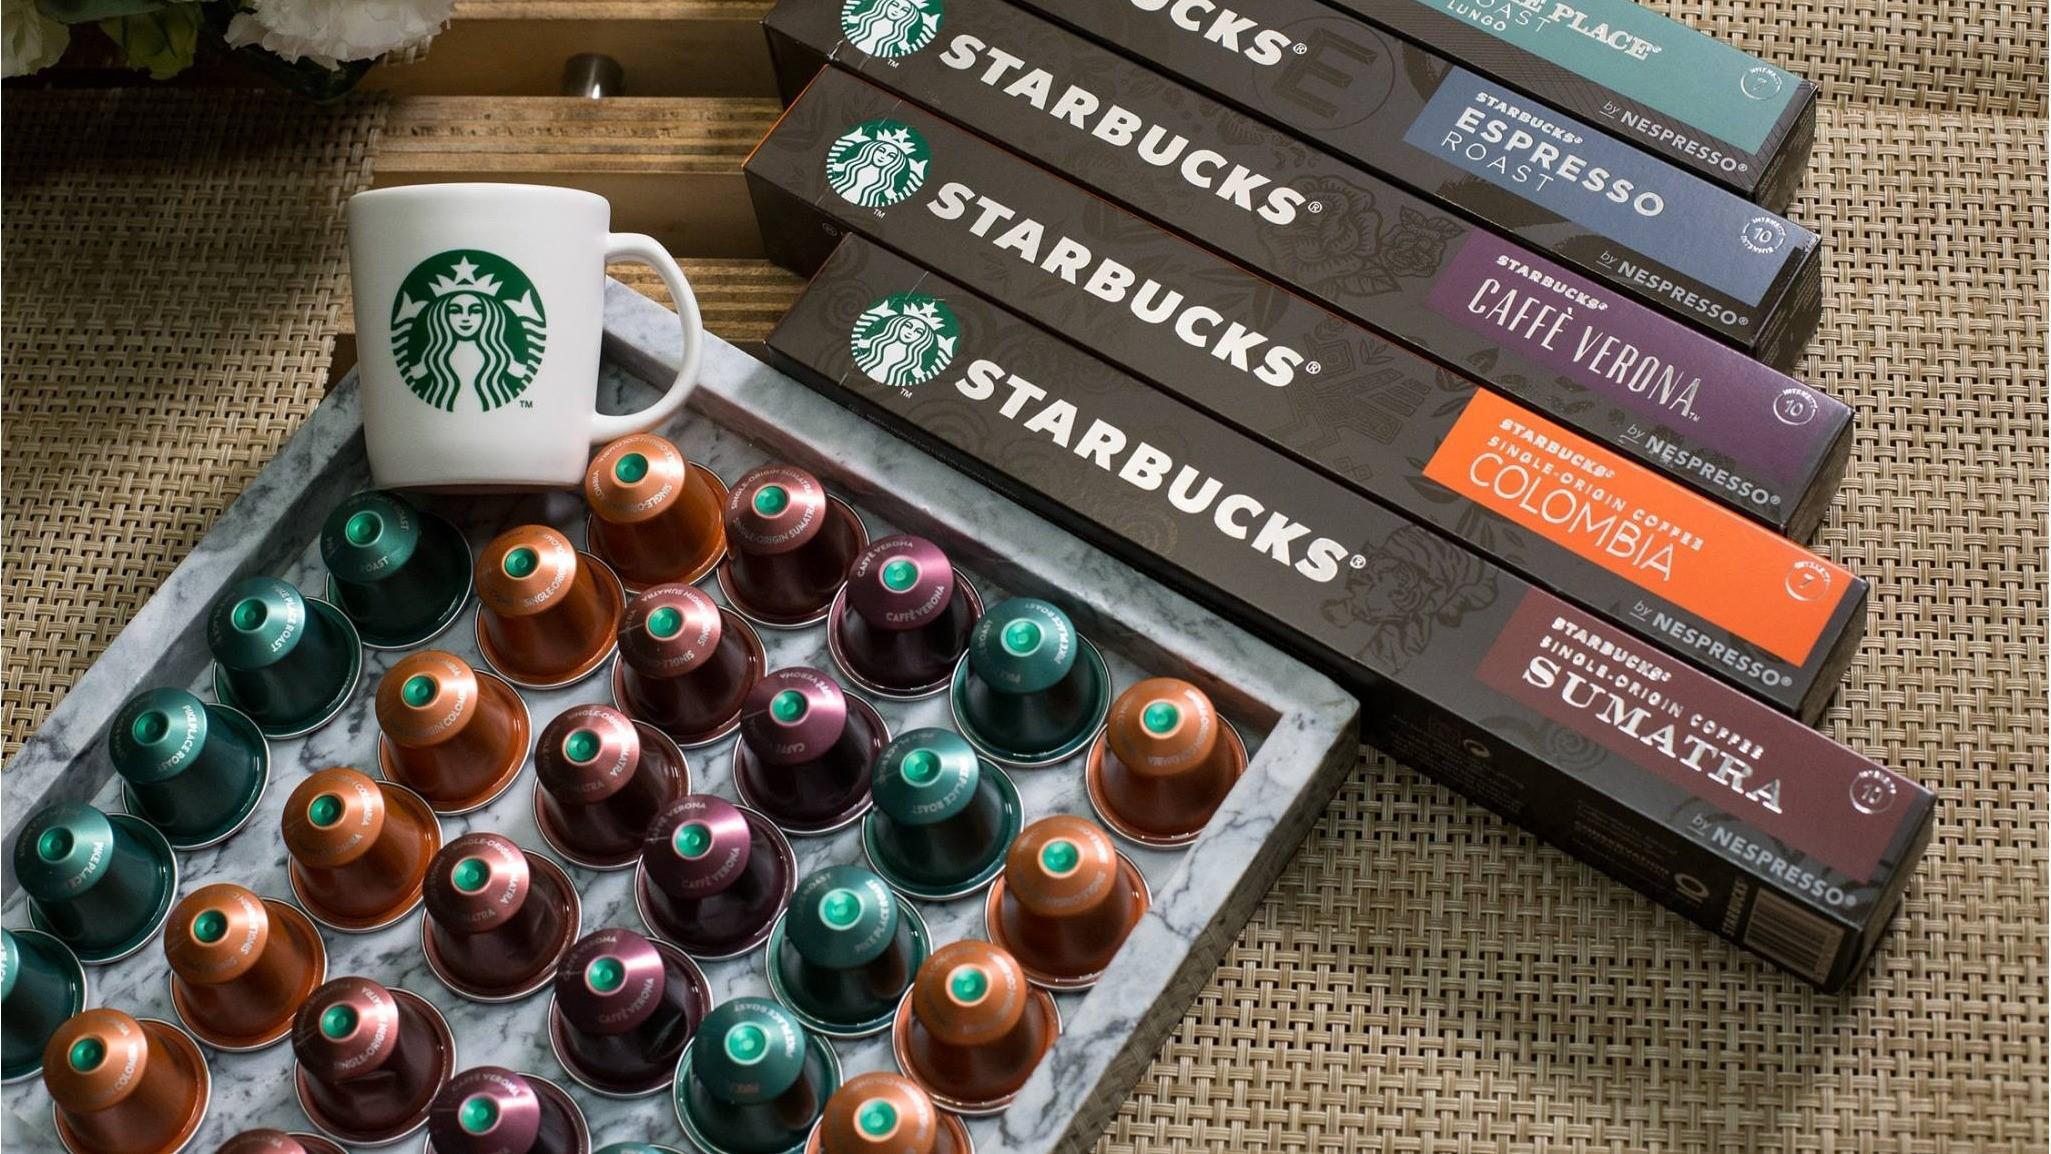 在家自煮 Starbucks!星巴克咖啡膠囊一杯只要 20元